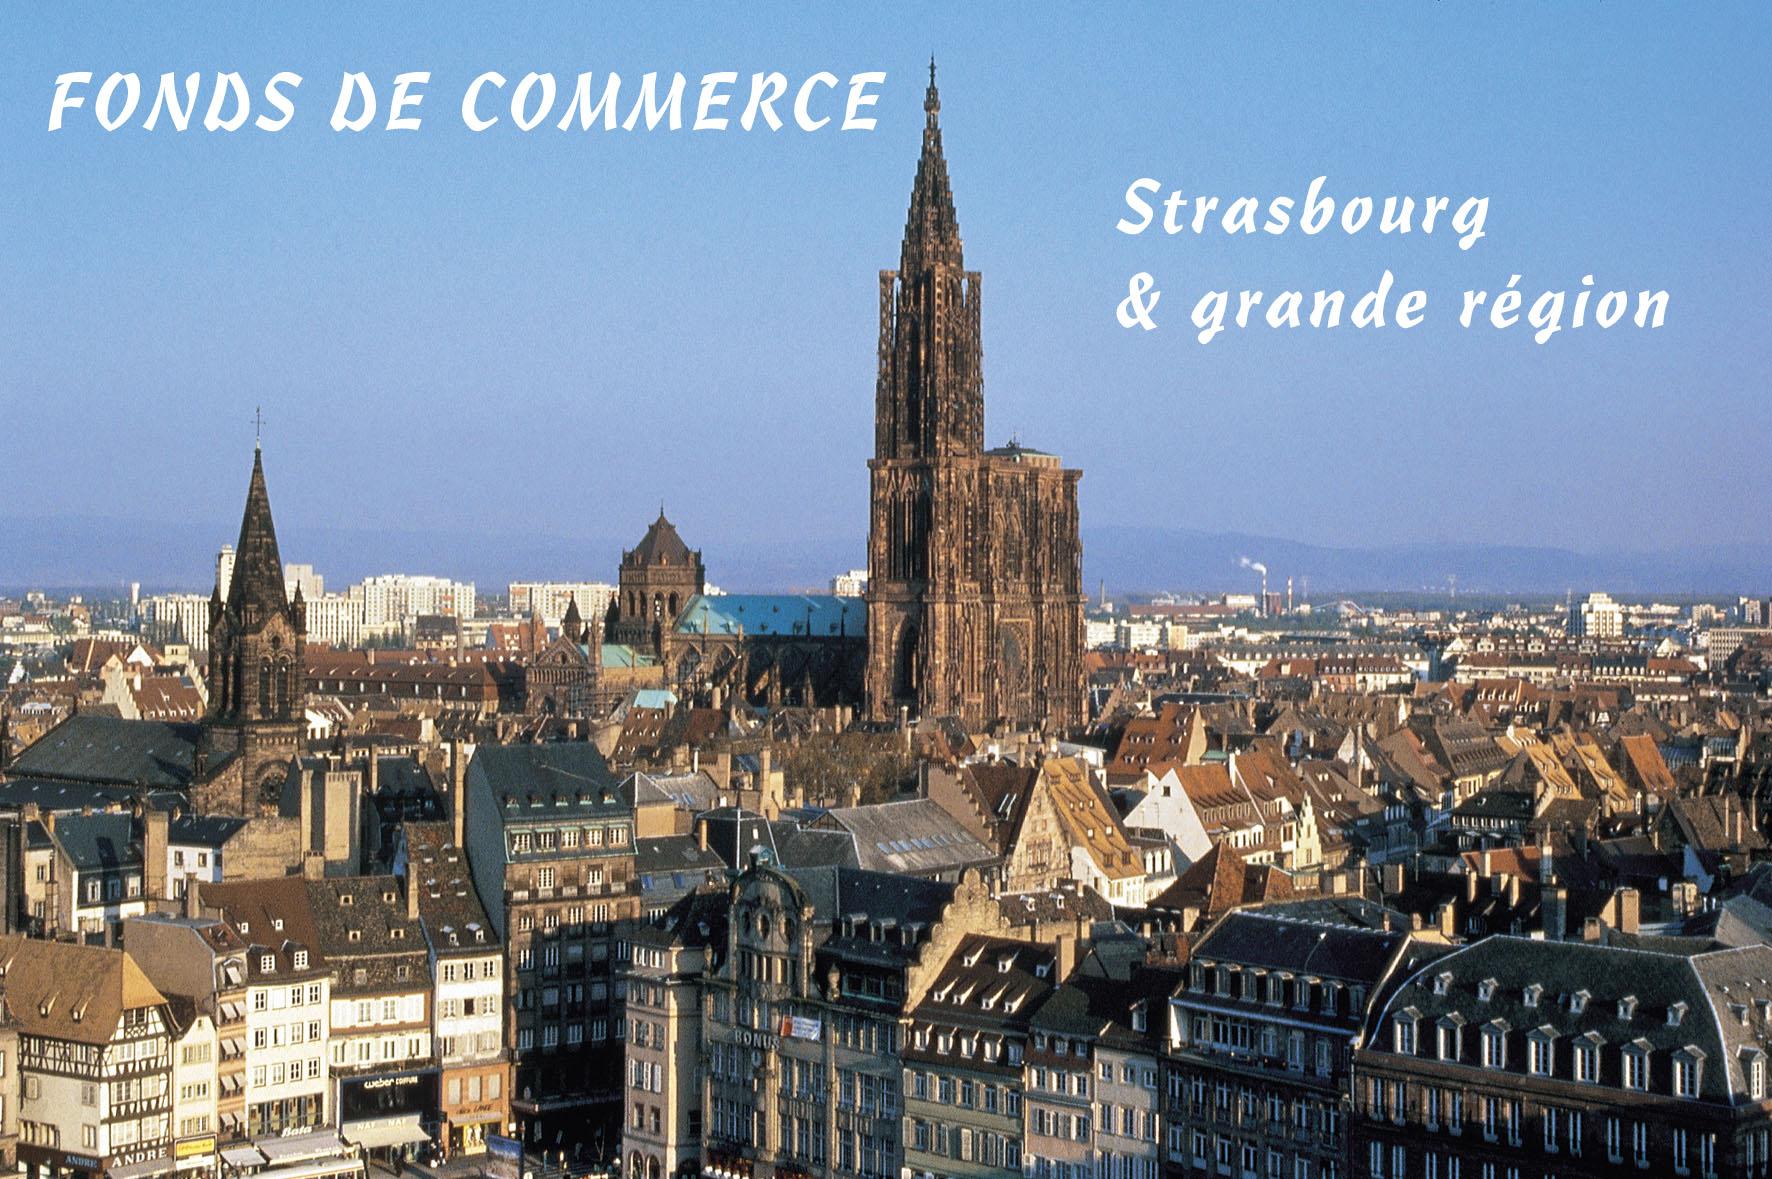 Retrouvez toutes les annonces de vente de fonds de commerce sur STRASBOURG et sa grande région